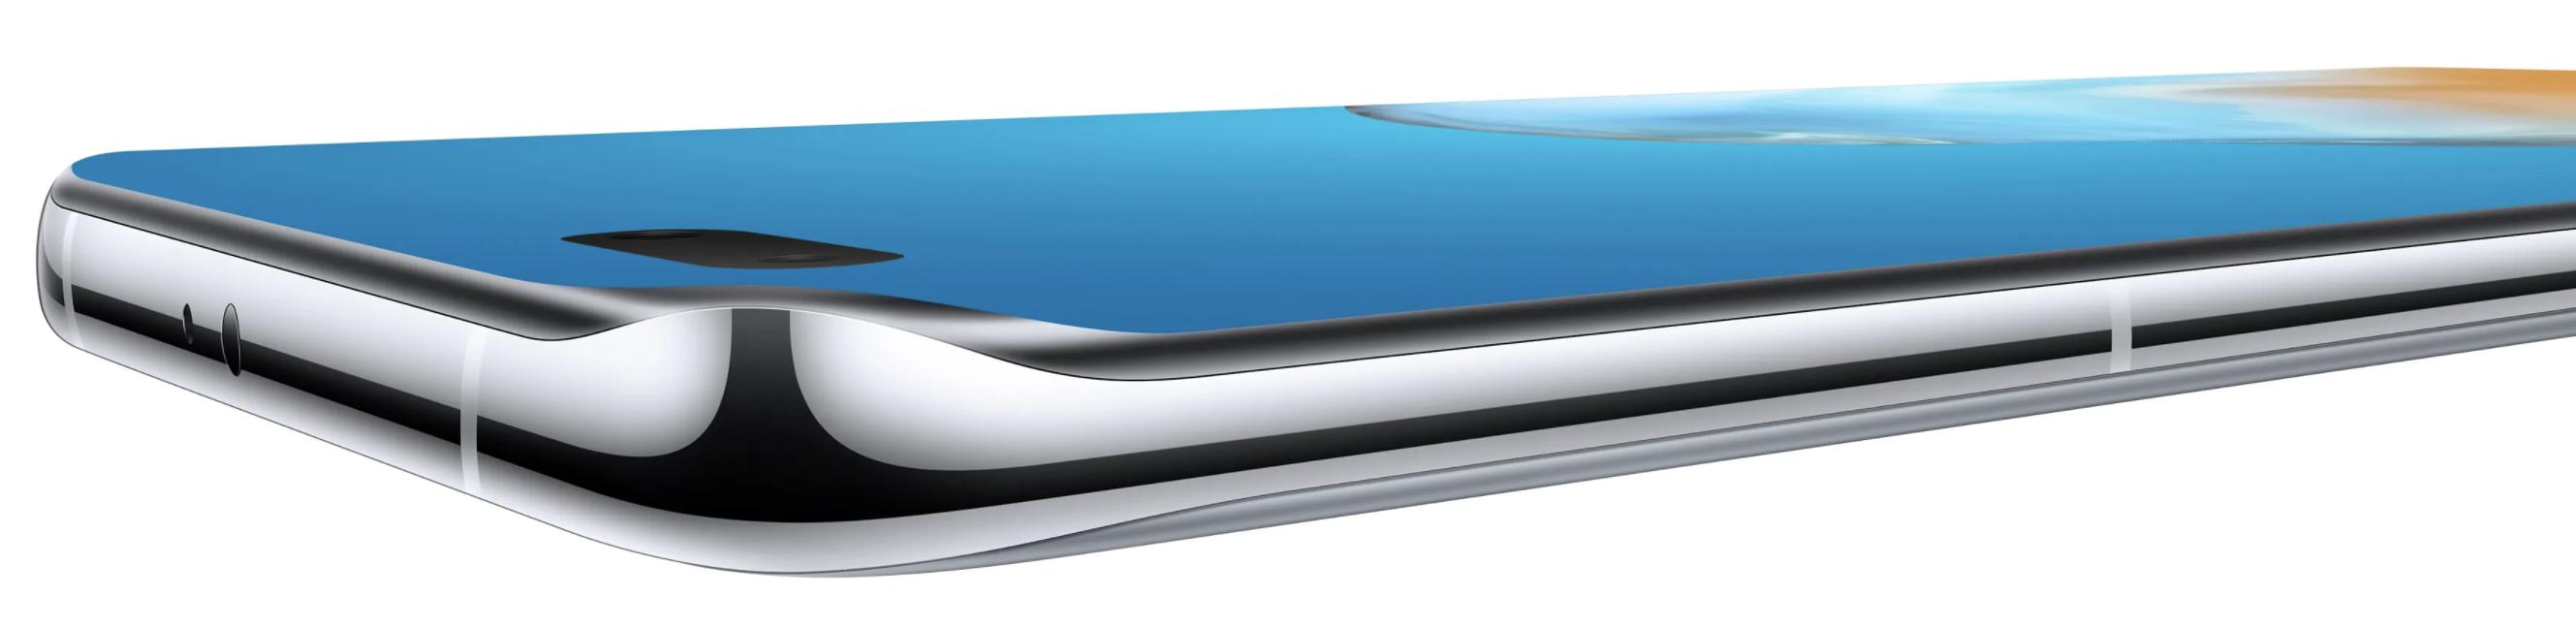 P40 Pron Overflow Display -näyttö kaartuu neljälle reunalle.